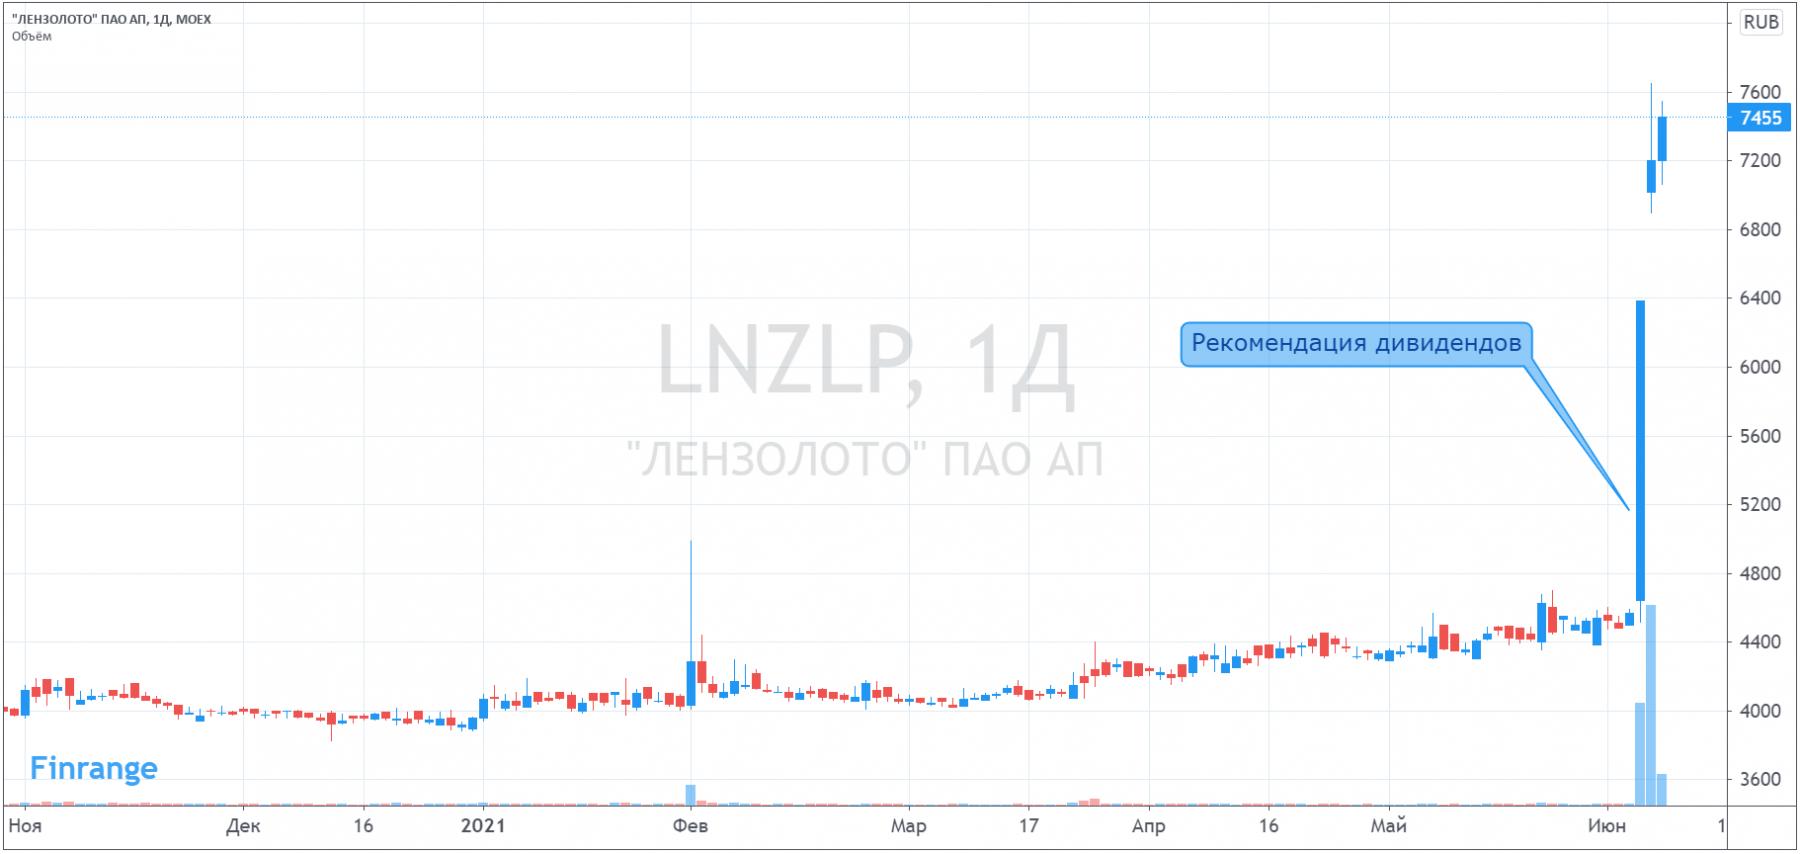 Взлёт акций Лензолото на 65%, урок с Центральным телеграфом не был усвоен!?